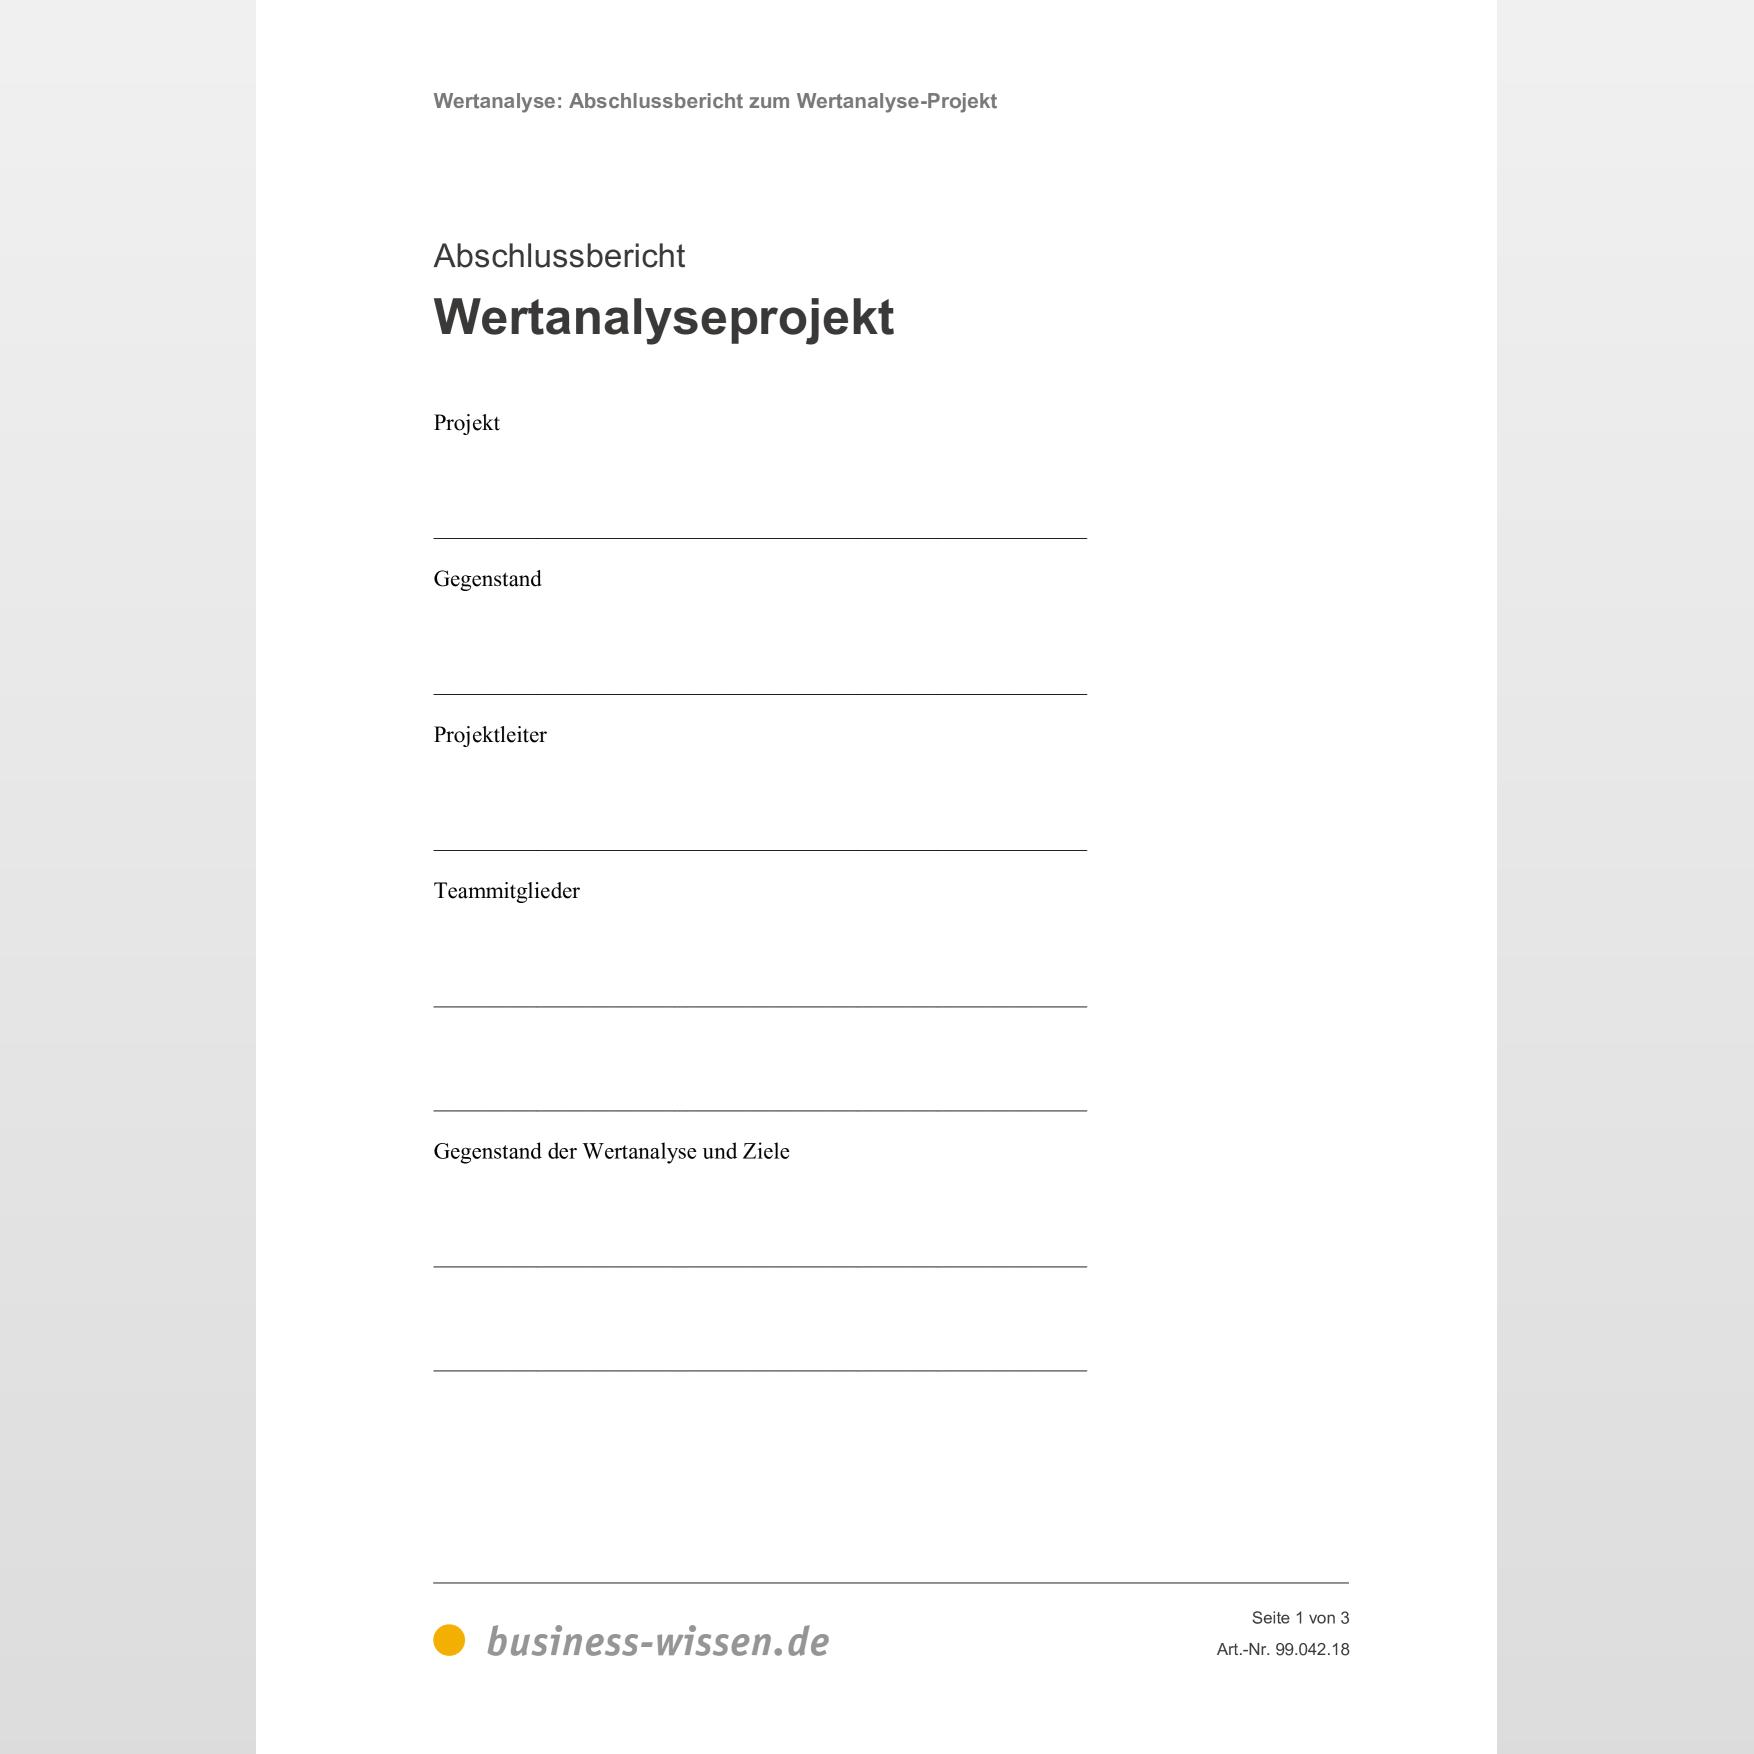 Abschlussbericht Zum Wertanalyse Projekt Vorlage Business Wissen De